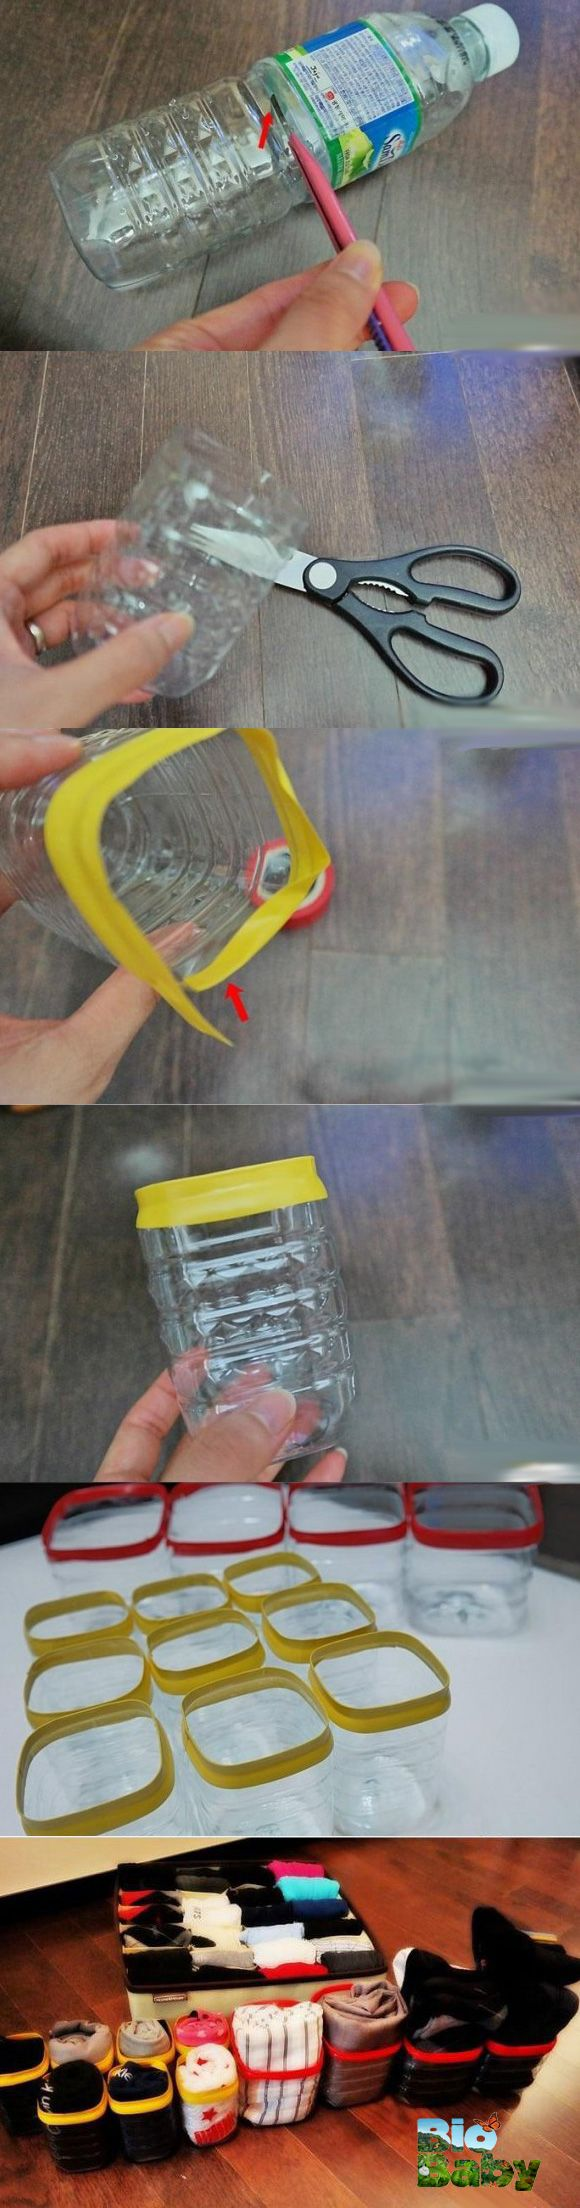 Recorta la parte de abajo de botellas plásticas, forra con cinta la orilla y úsalas para almacenar calcetines.